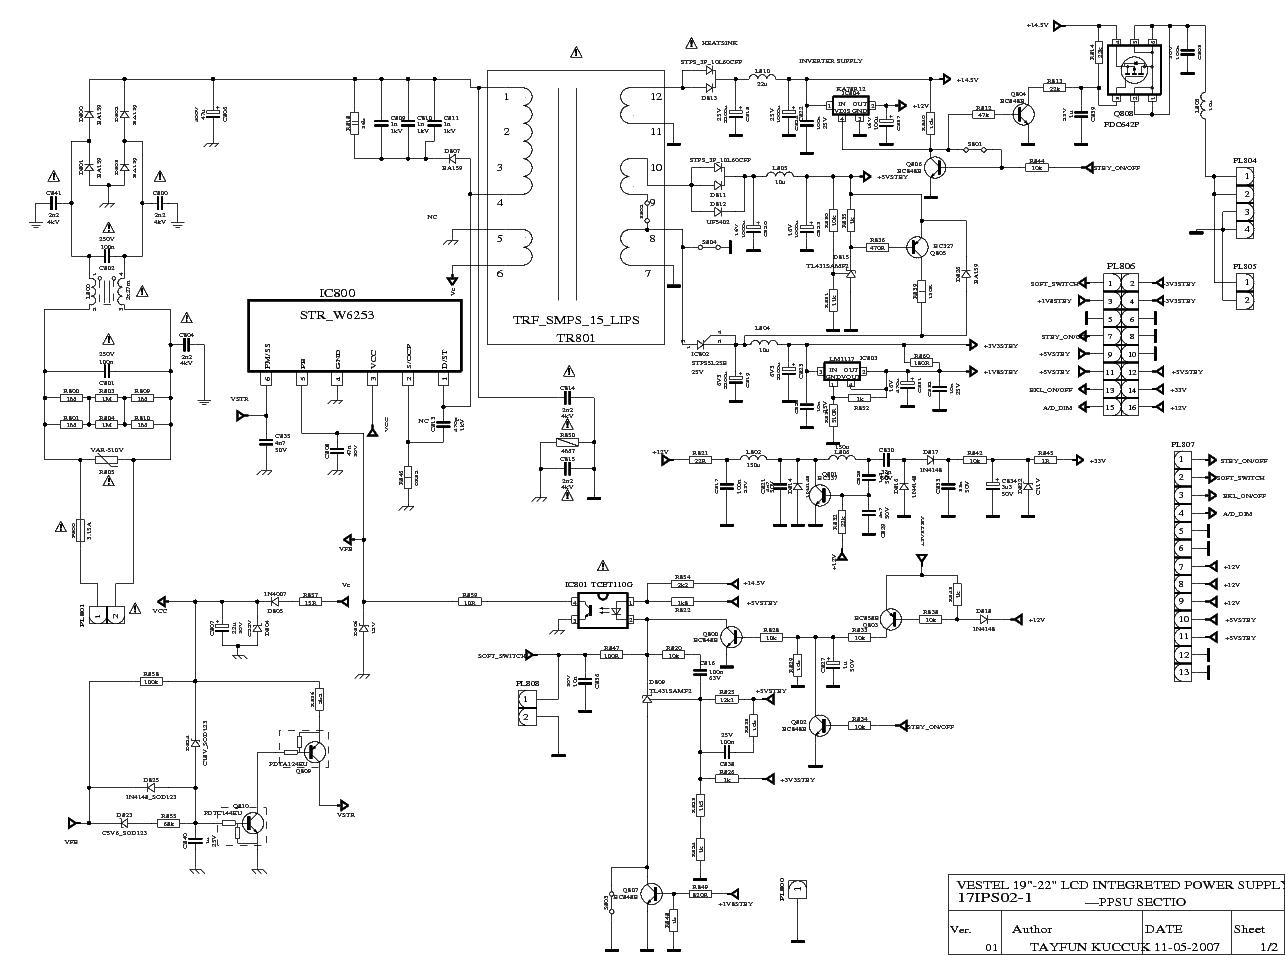 Vestel Fan7311 17ips02 19 22 Inch Inverter Service Manual